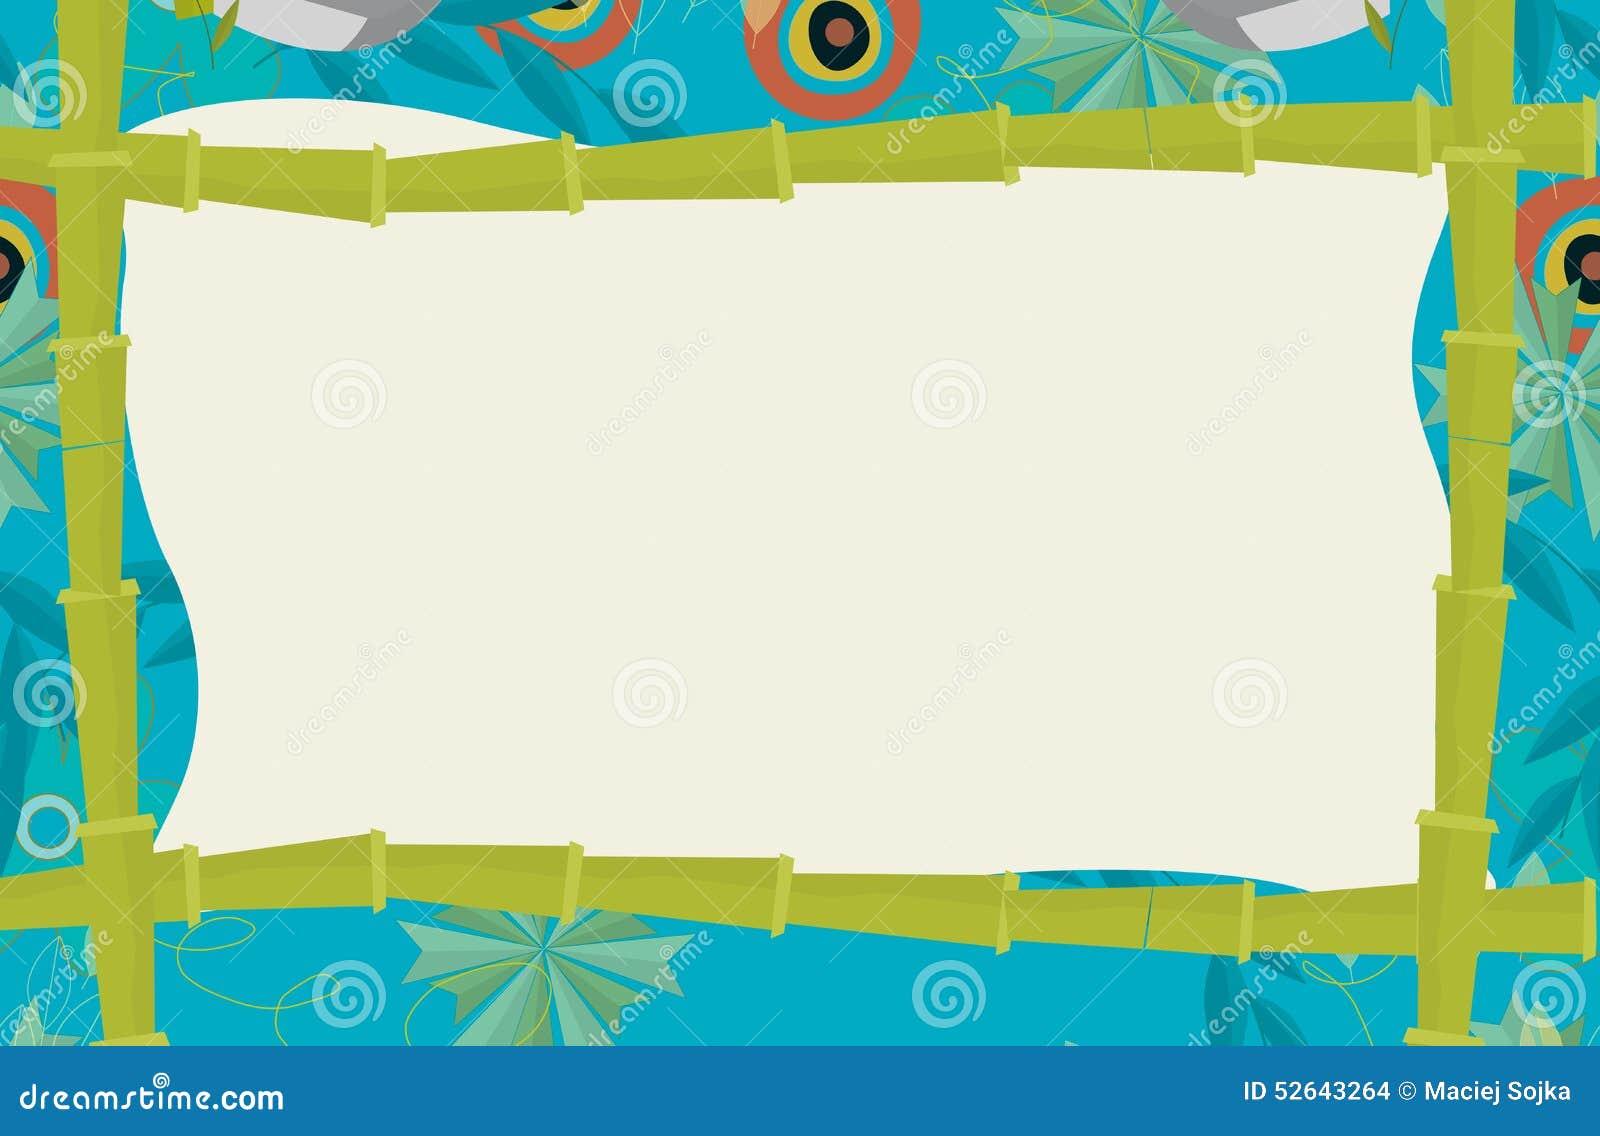 frame theme - Ataum berglauf-verband com